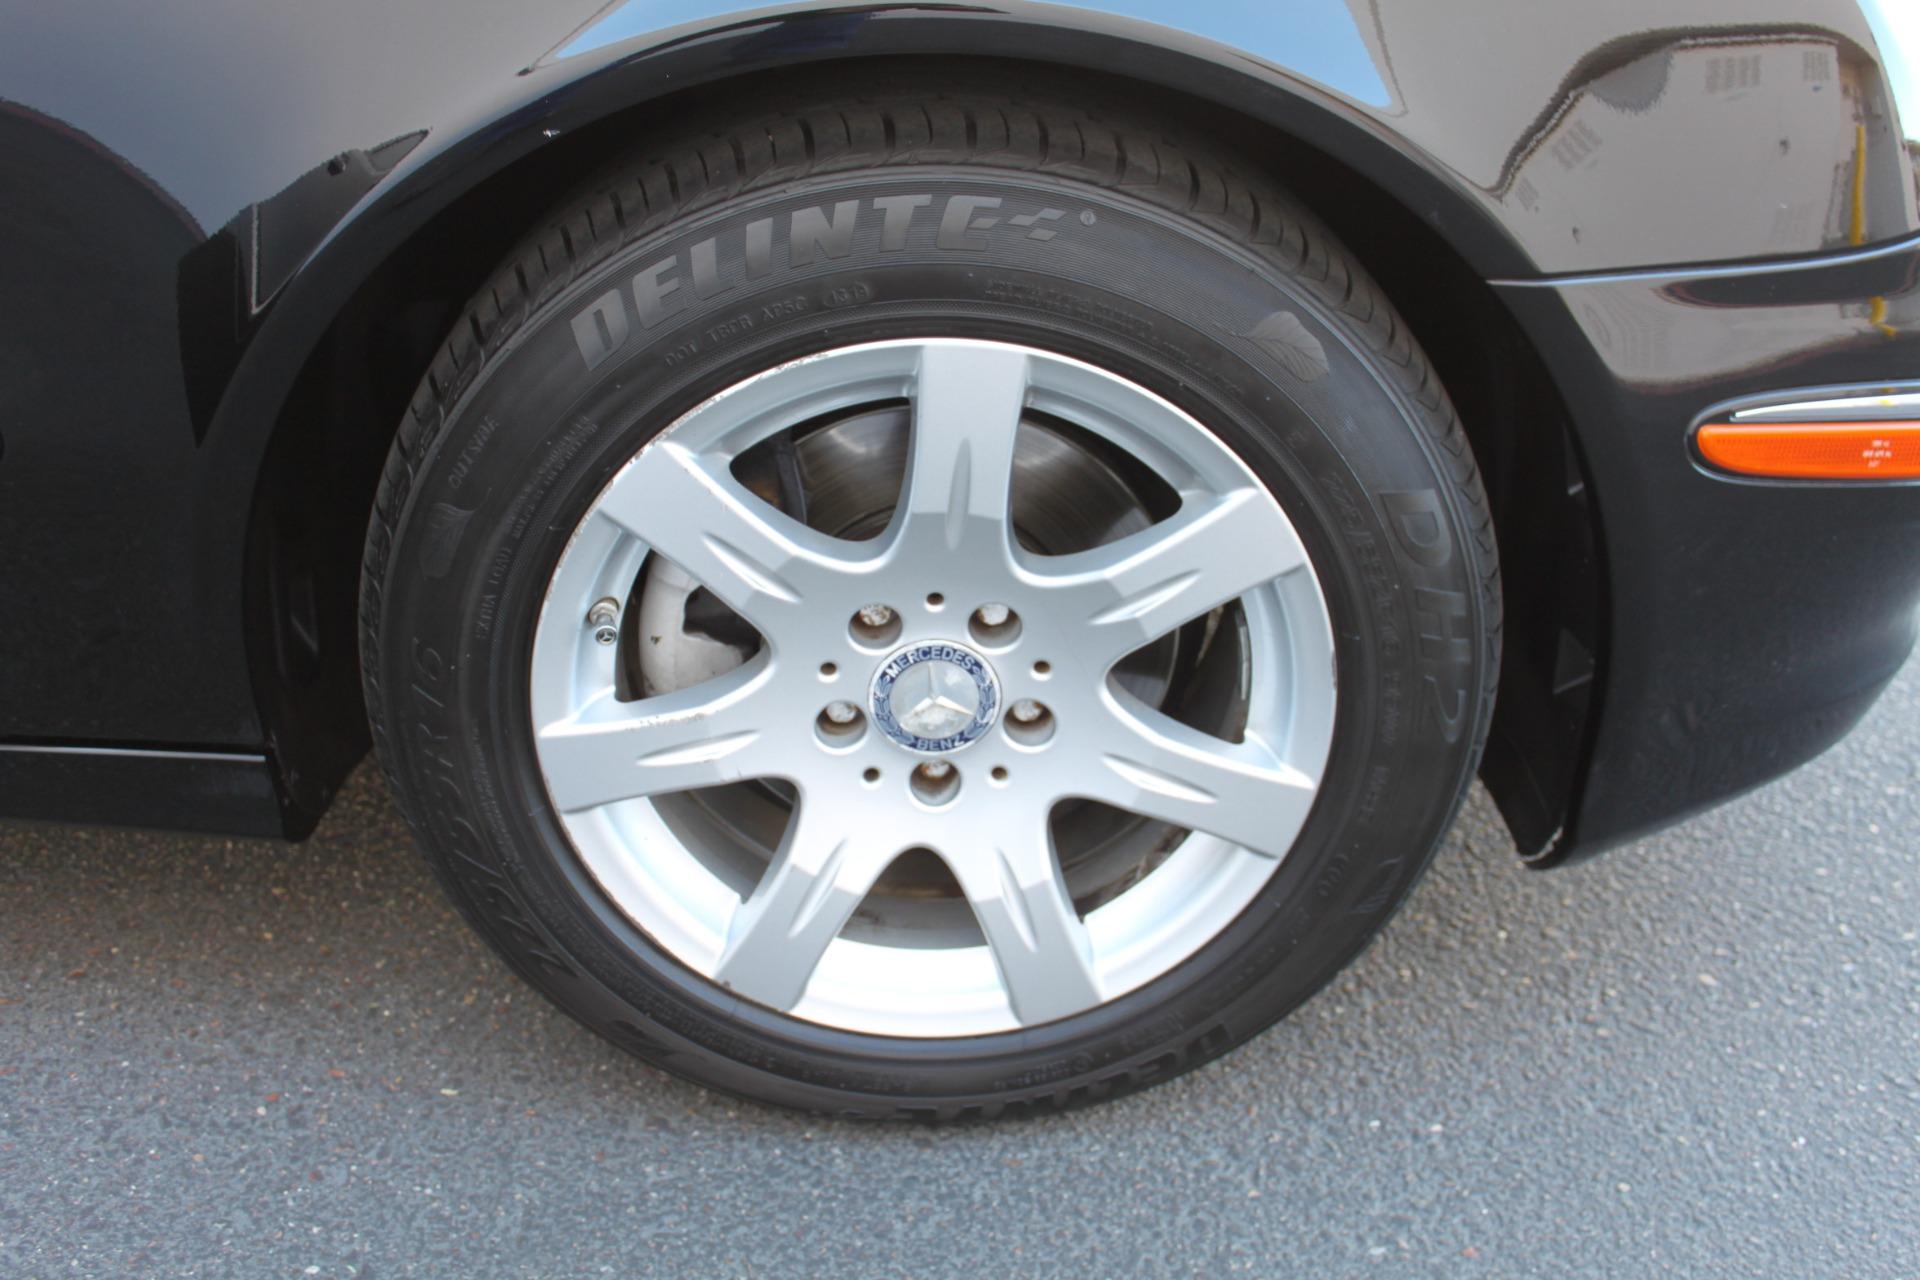 Used-2009-Mercedes-Benz-E-Class-E320-30L-BlueTEC-Jaguar